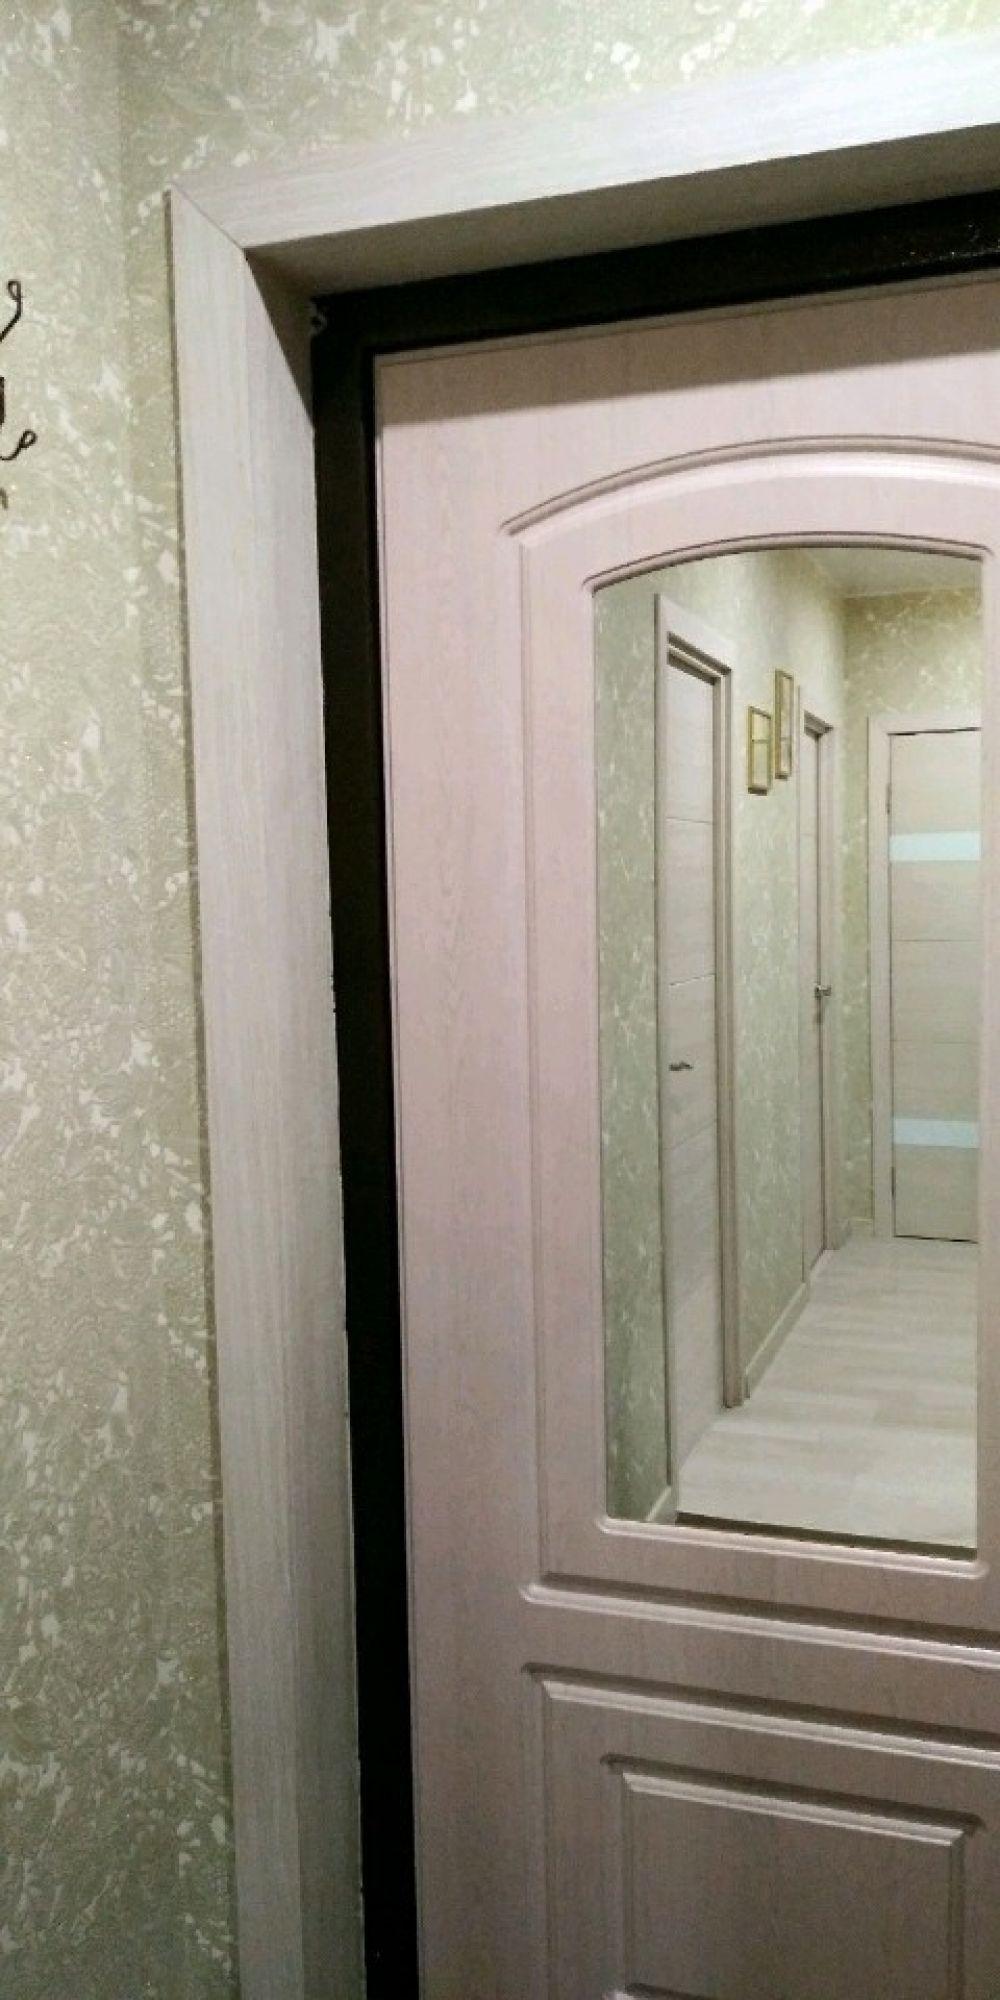 2-к квартира, Щёлково, мкр.Богородский, 16, фото 1